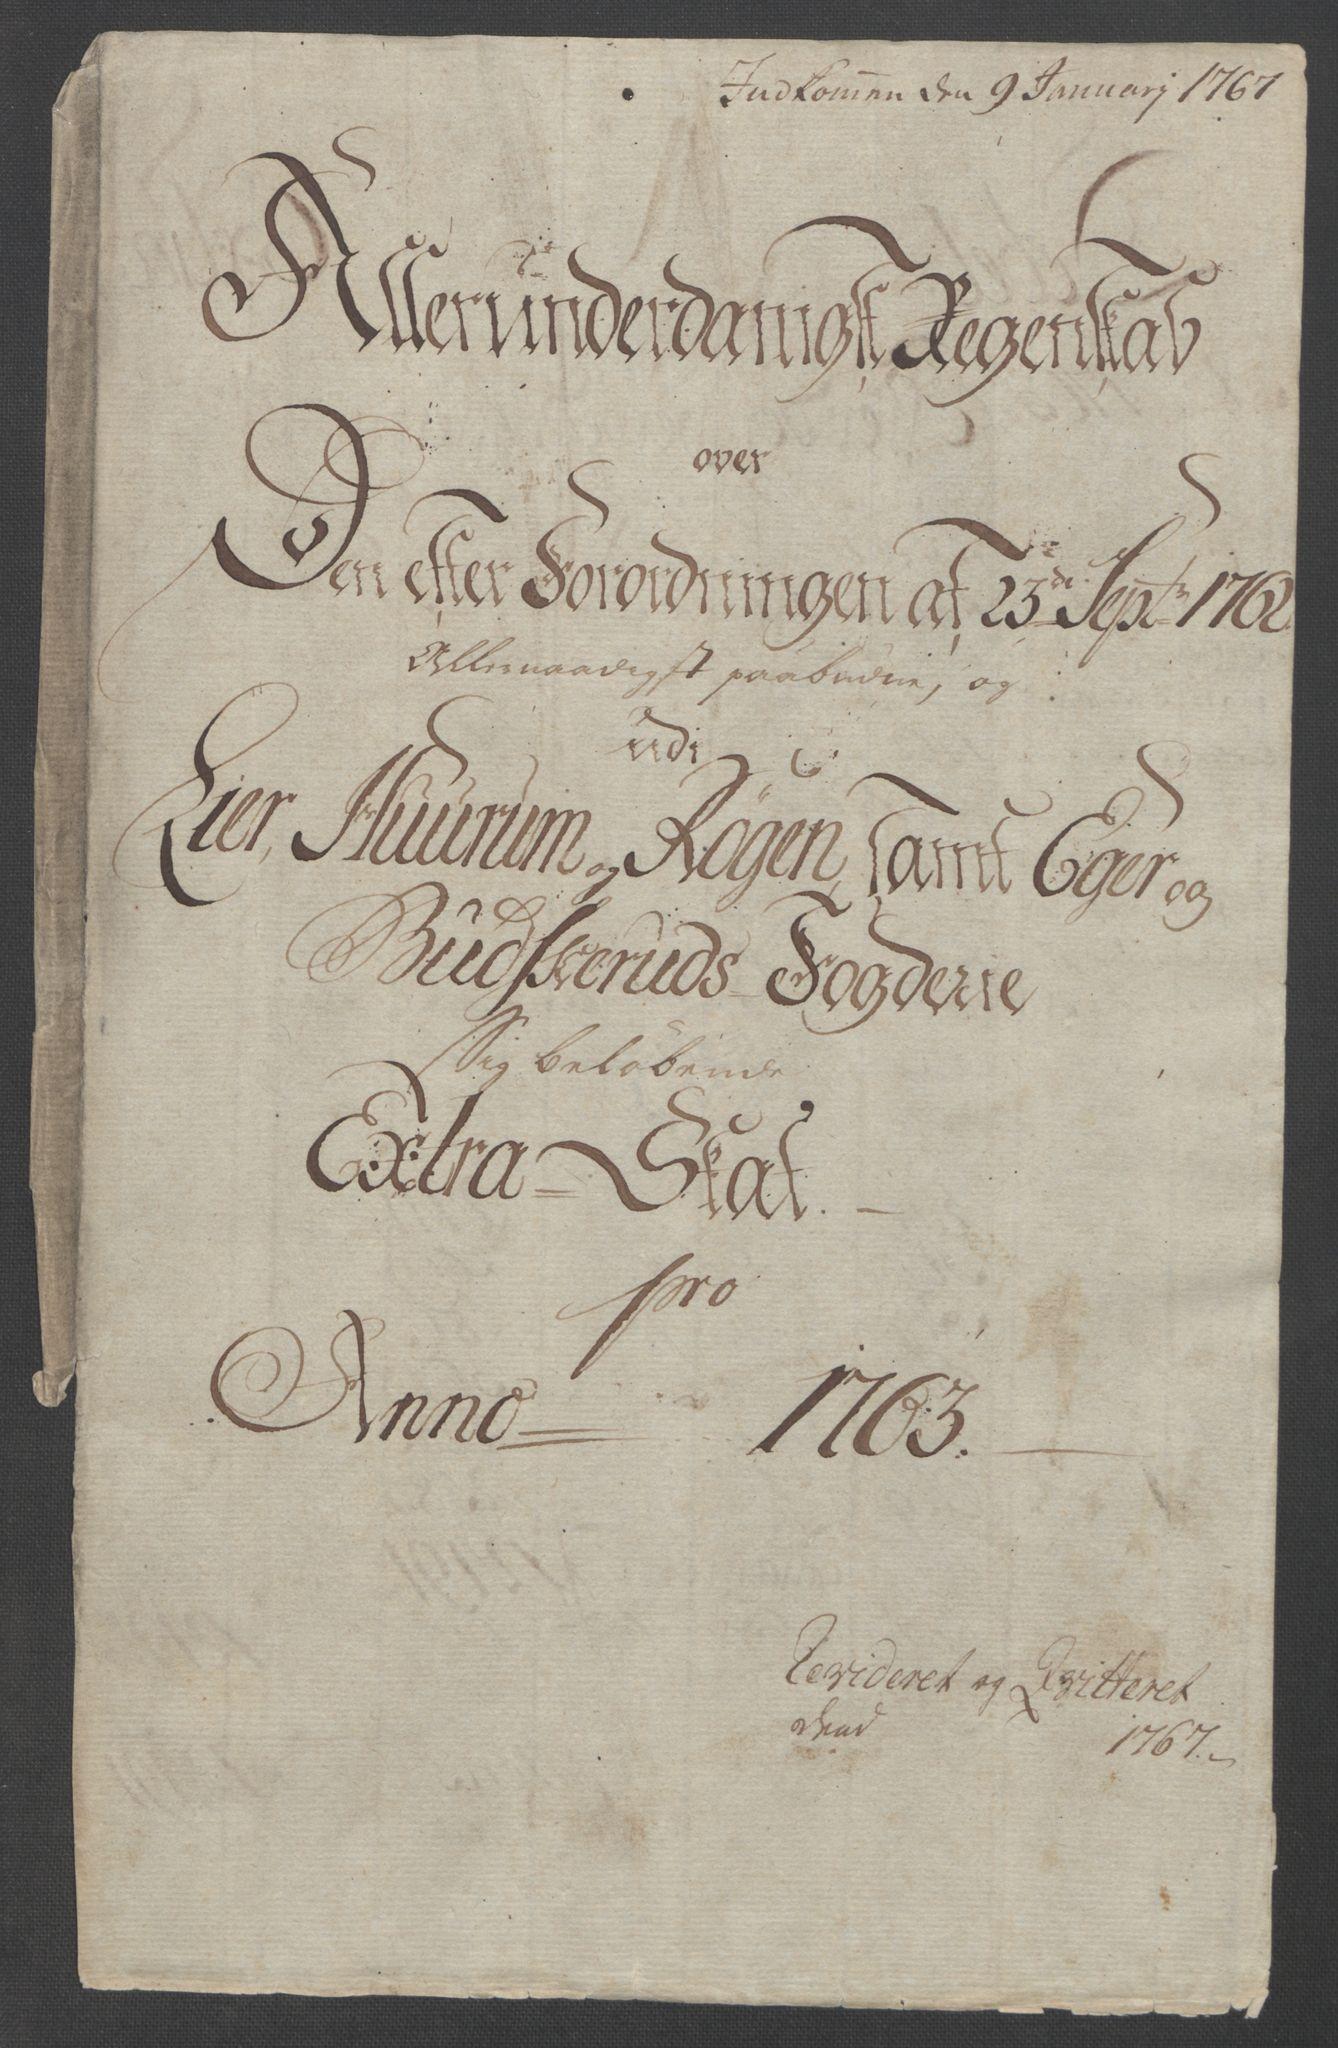 RA, Rentekammeret inntil 1814, Reviderte regnskaper, Fogderegnskap, R31/L1833: Ekstraskatten Hurum, Røyken, Eiker, Lier og Buskerud, 1762-1764, s. 52